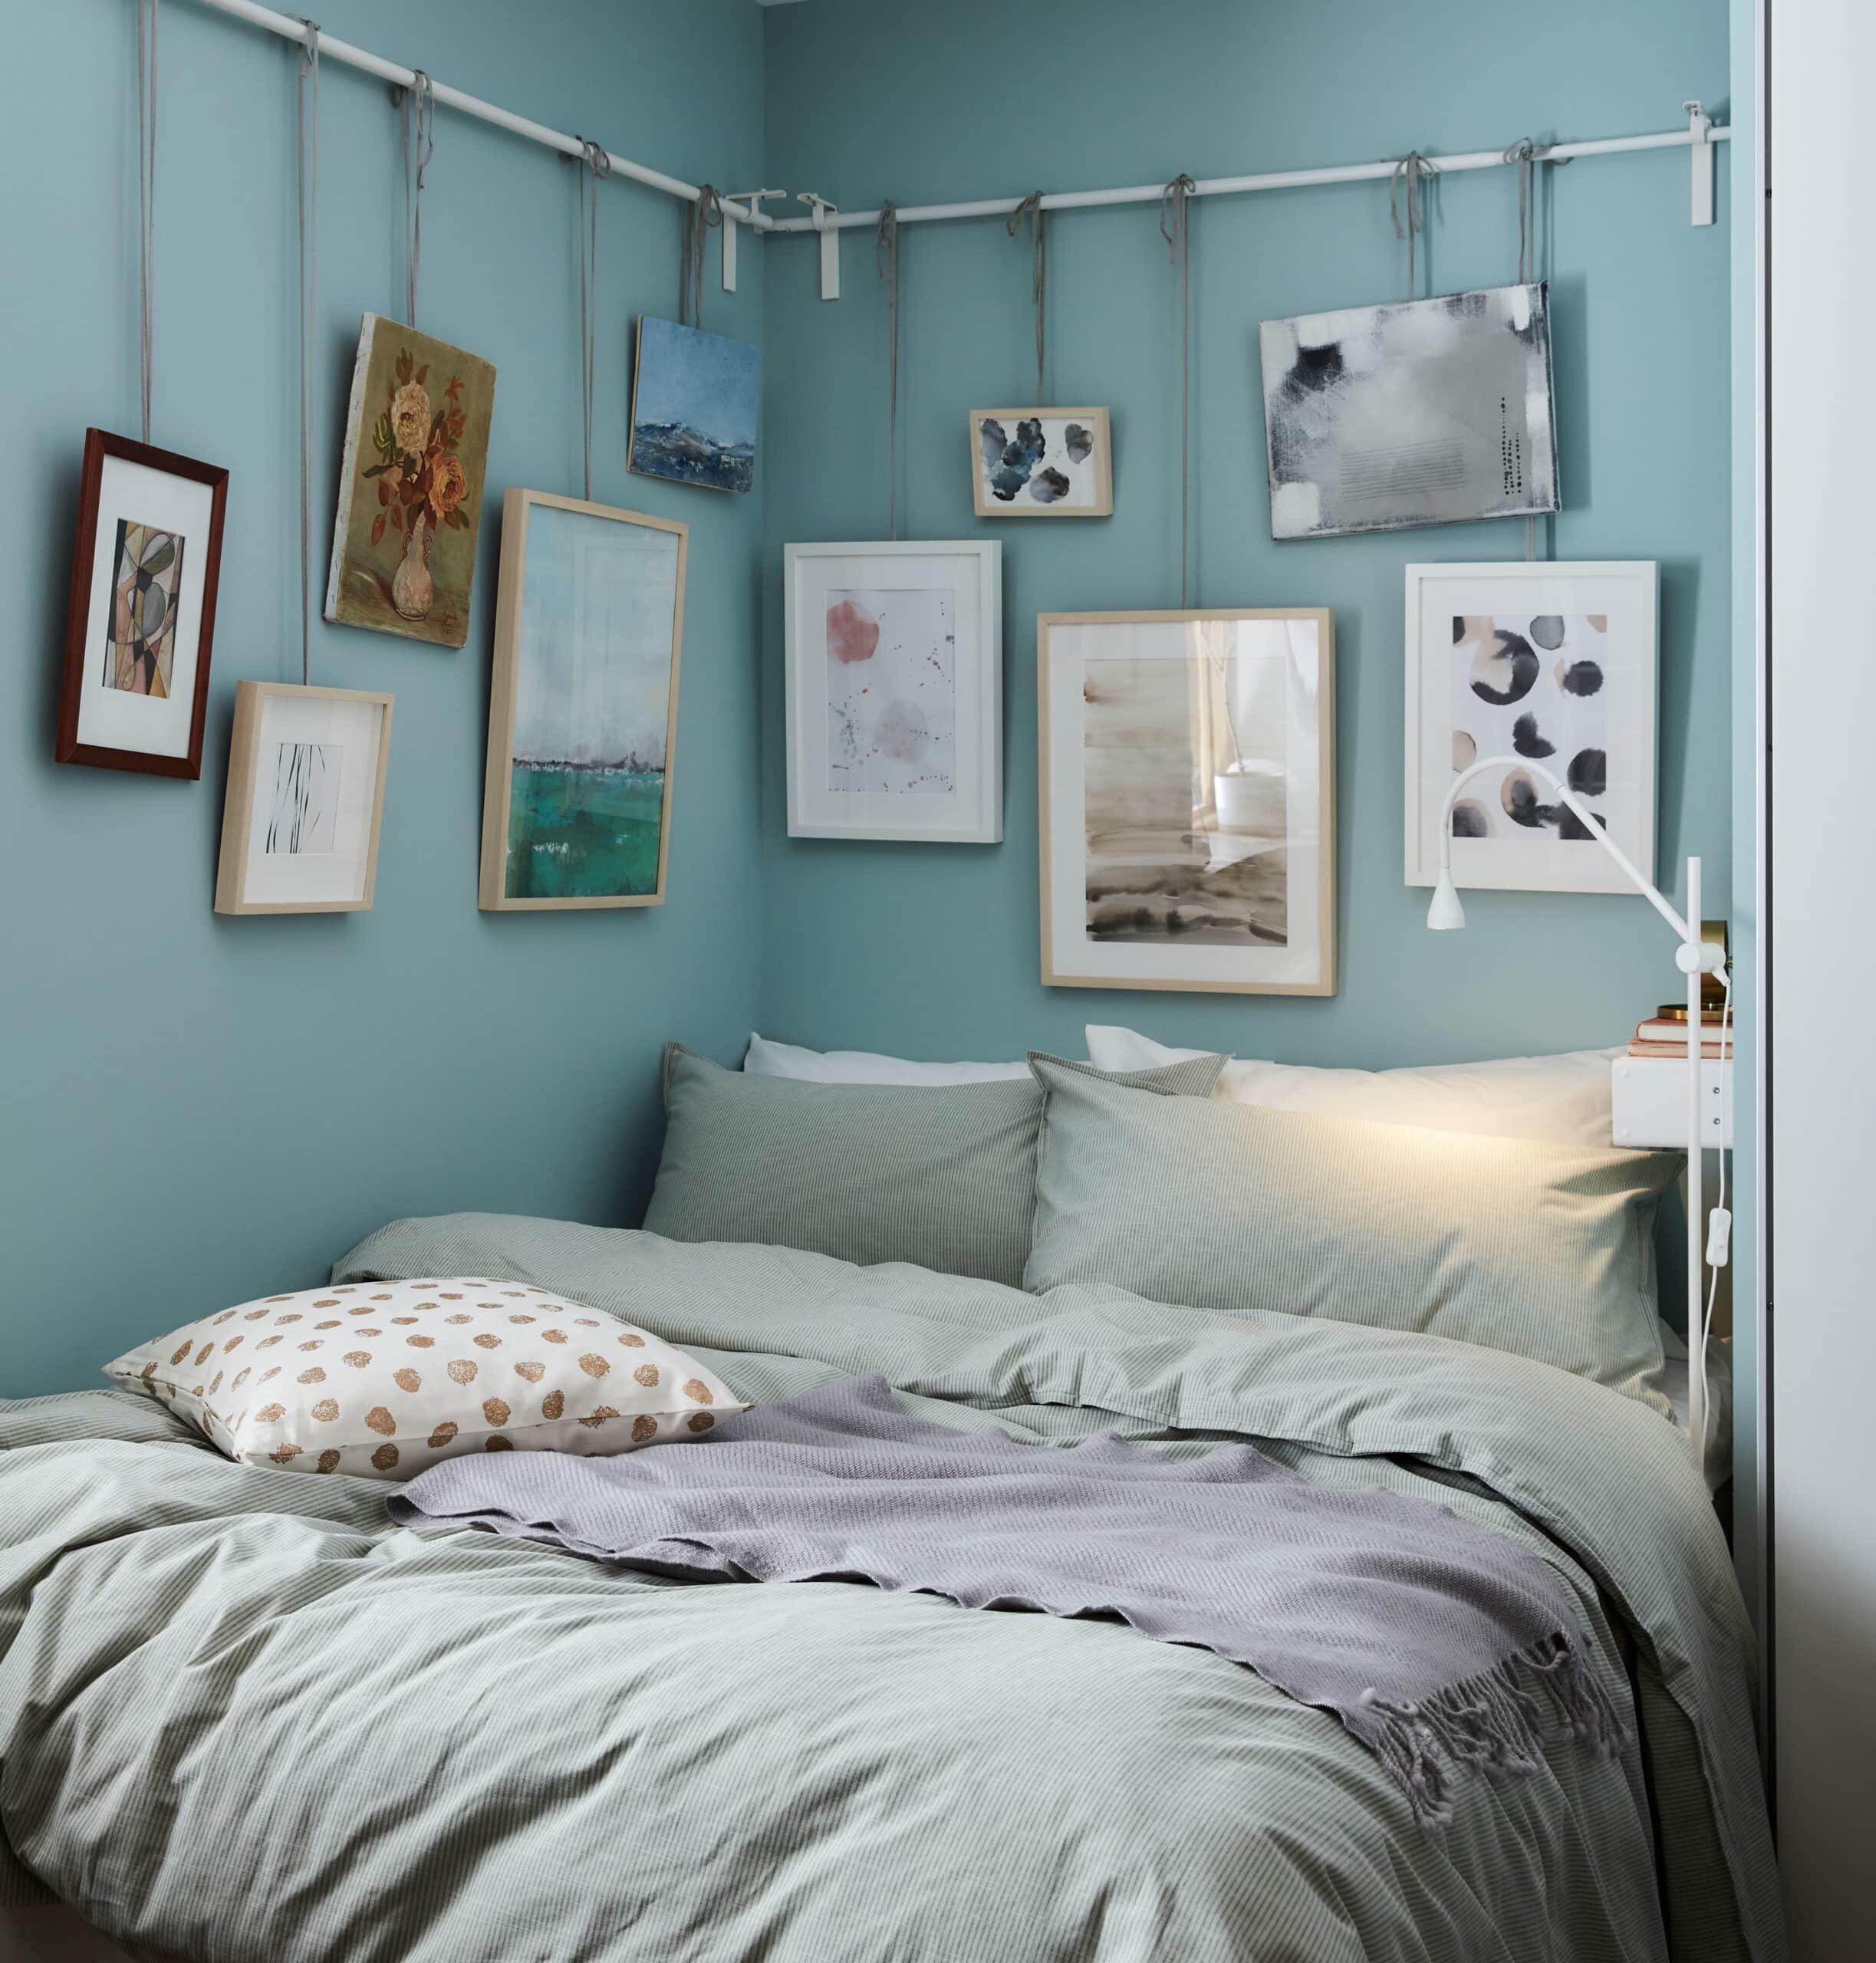 scandinavian-interior-decor-tips-ikea-bedroom-wall-art-hanging